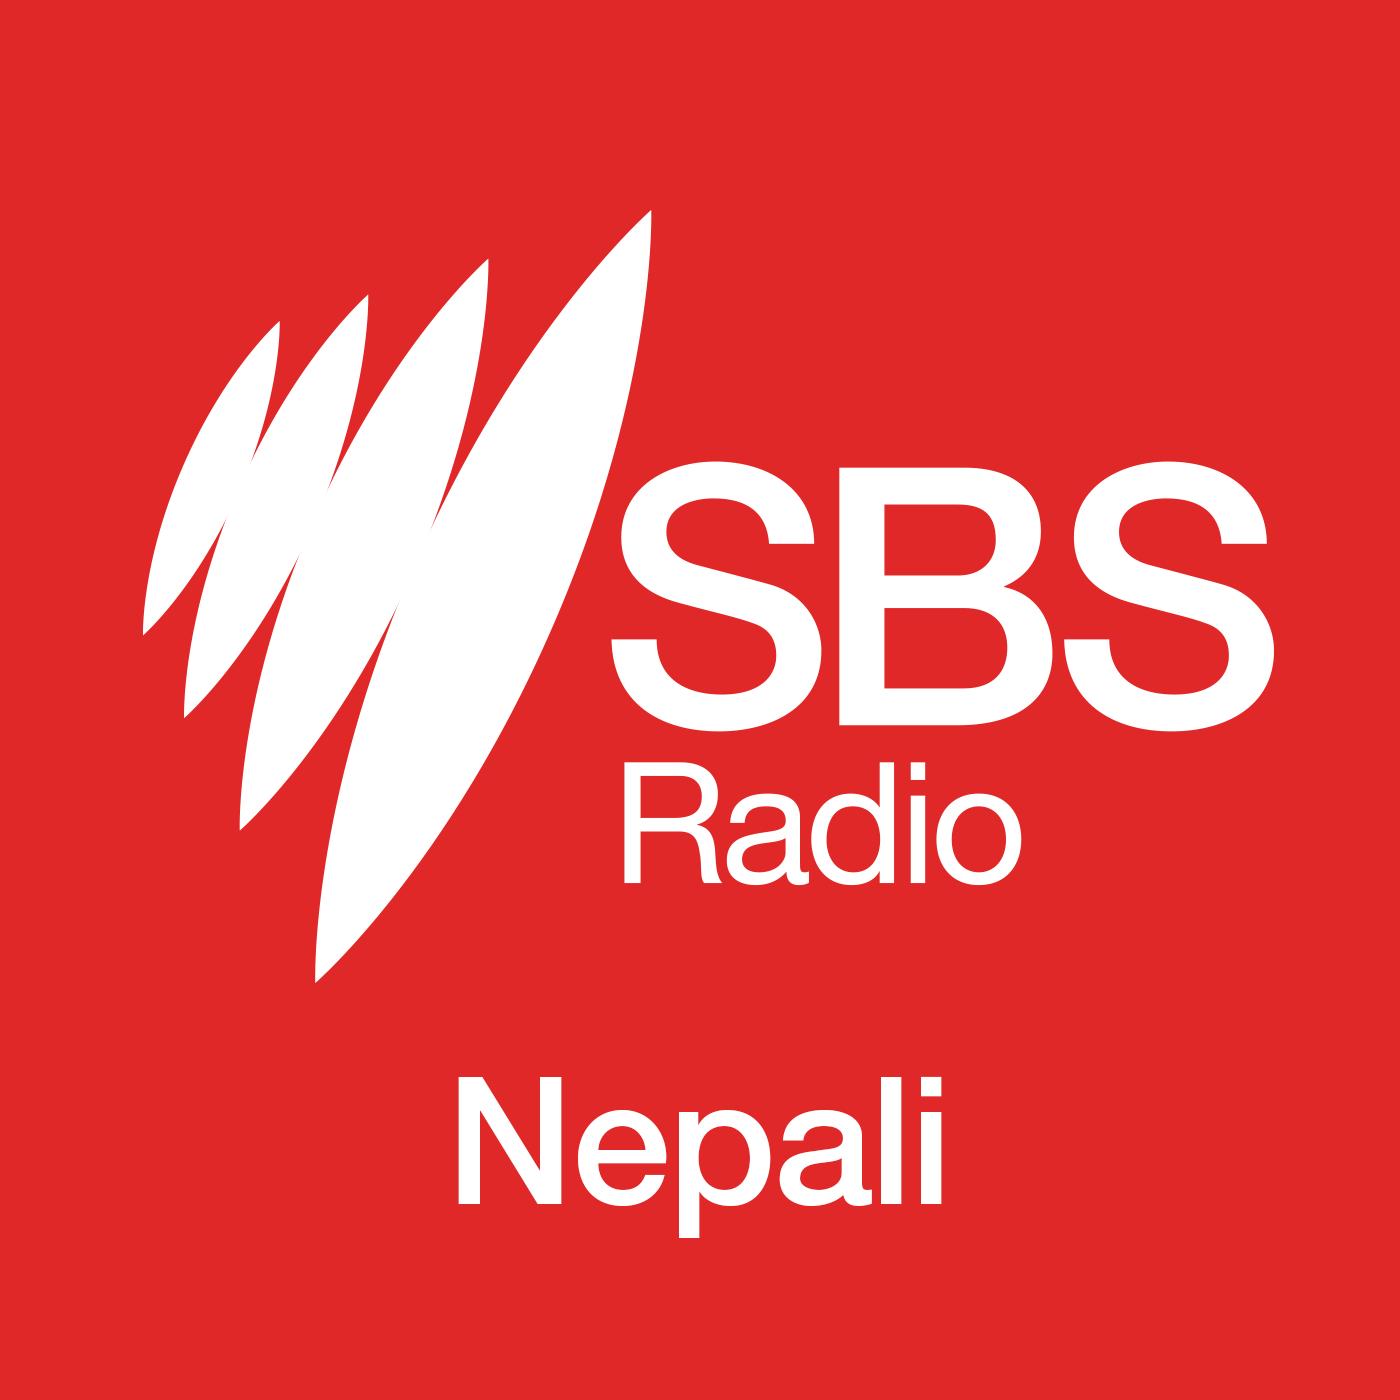 <![CDATA[Nepali]]>